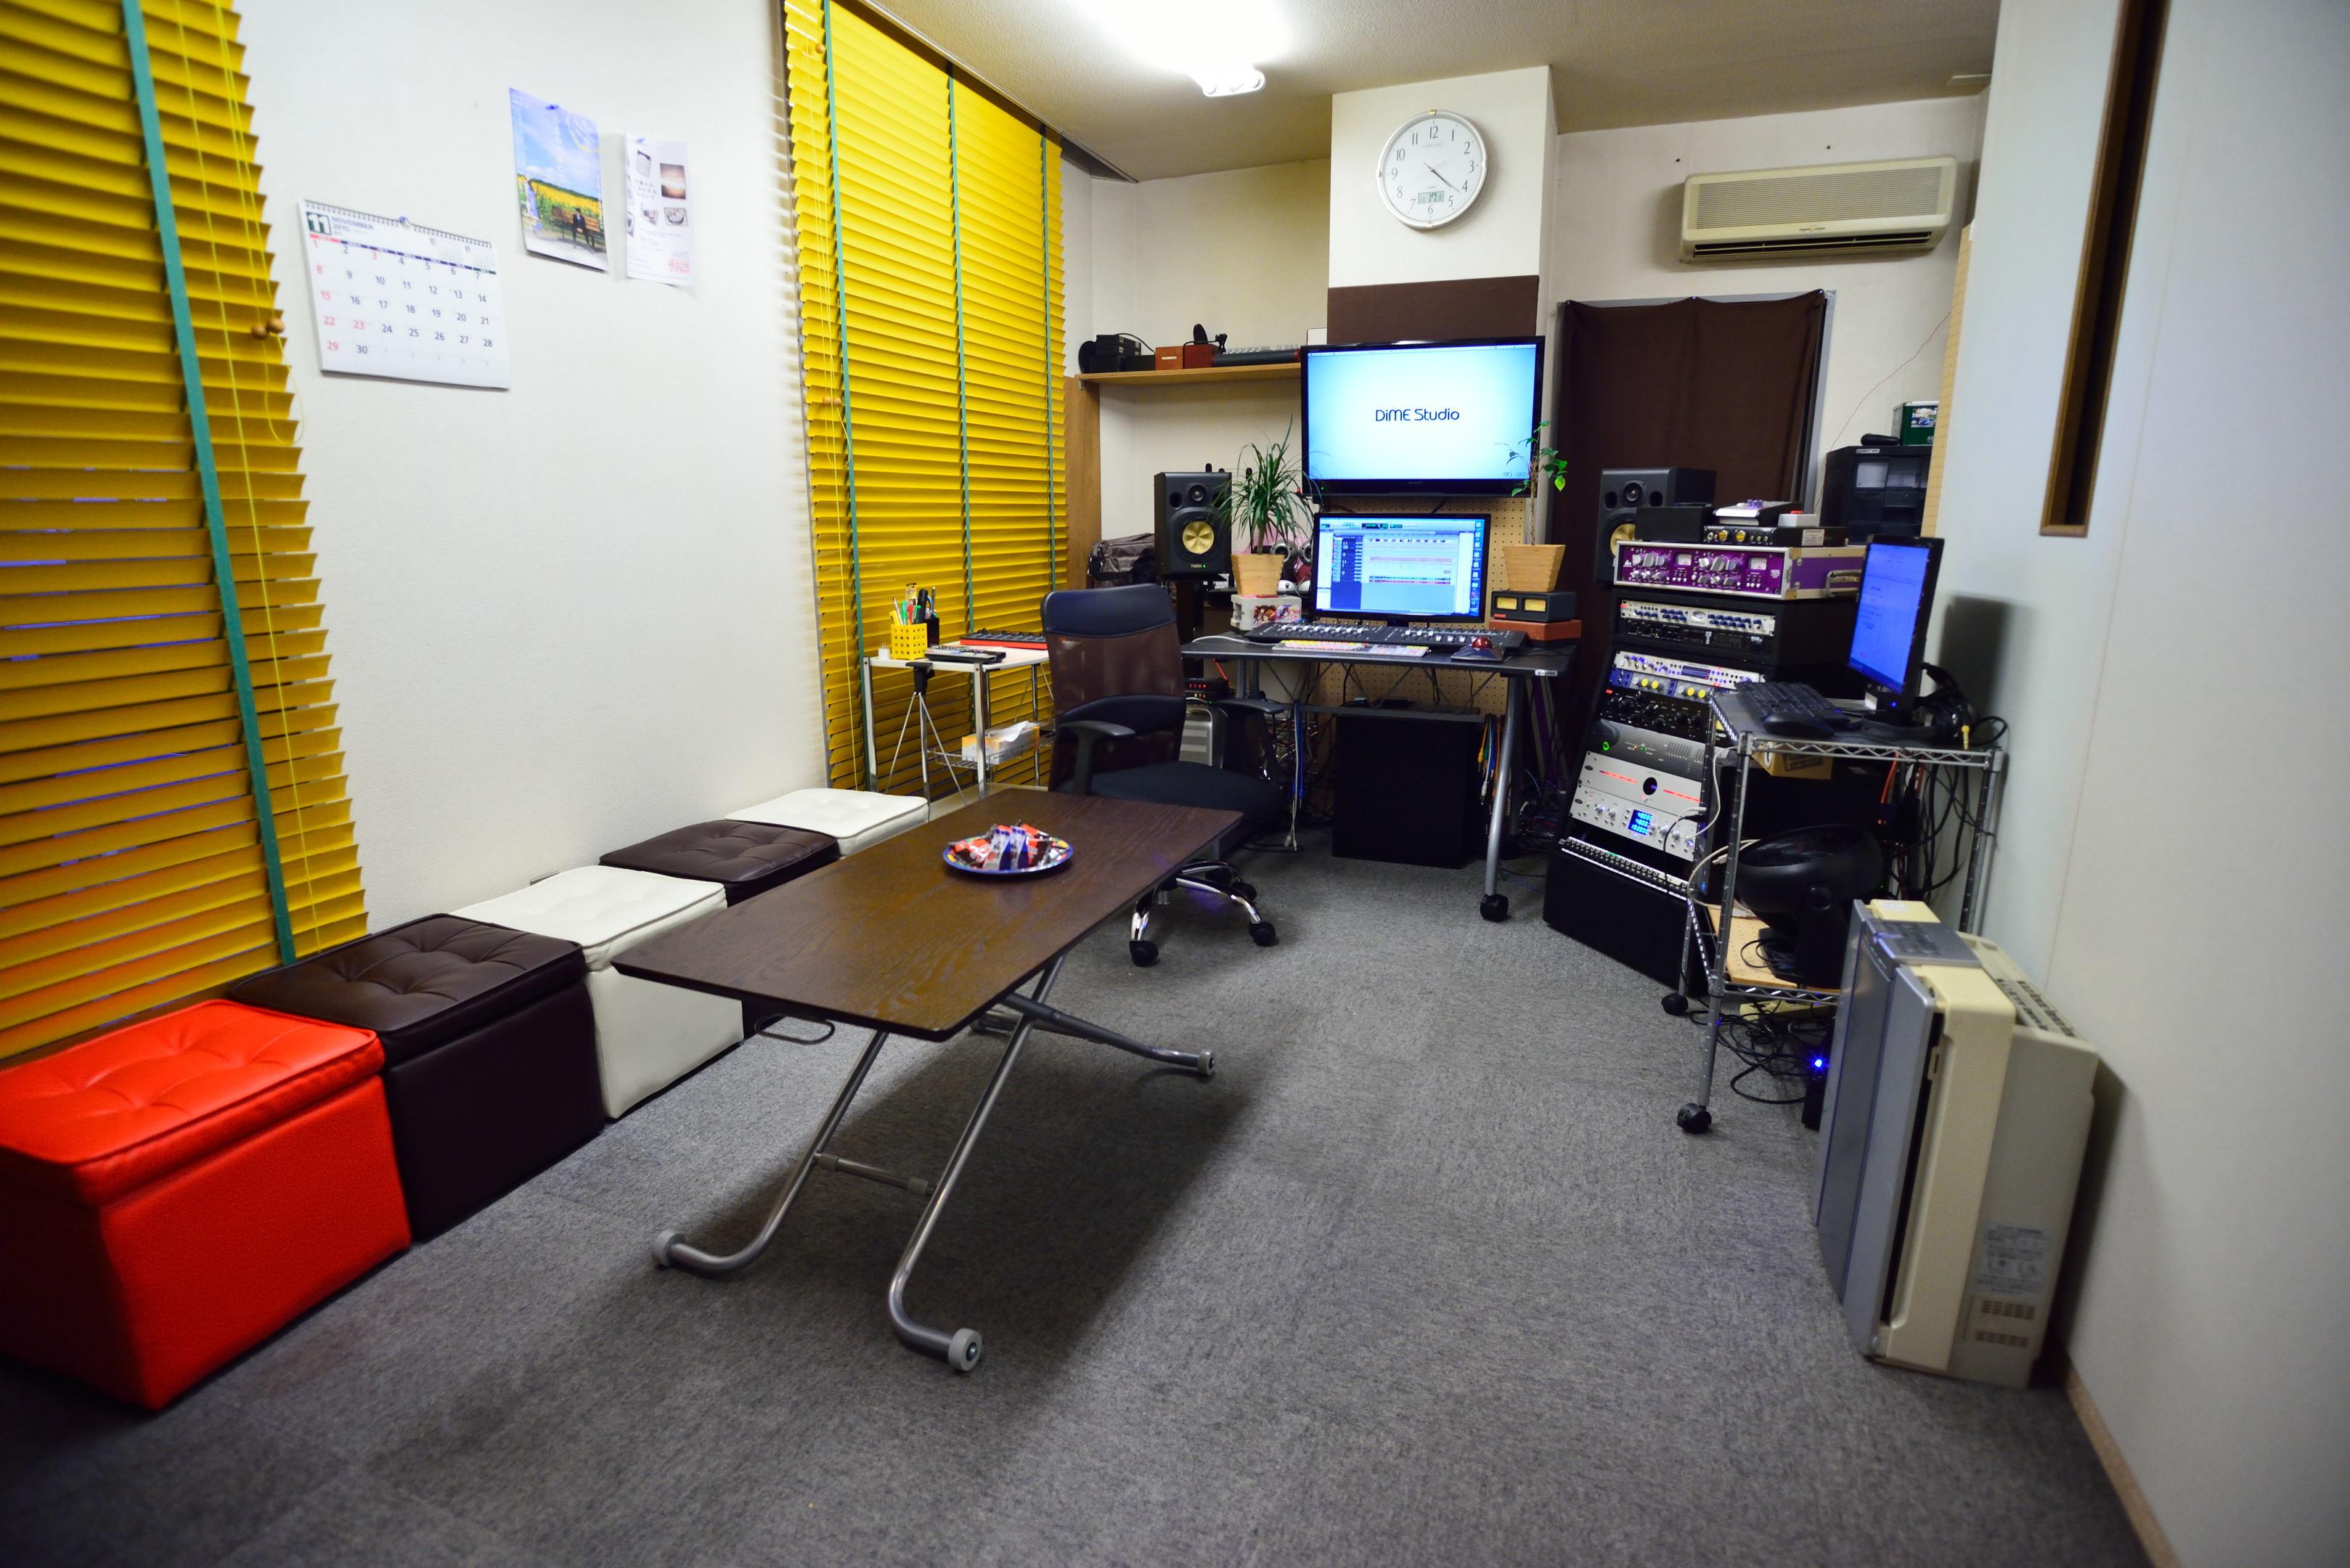 赤坂 DiME Studio のご紹介 - と...